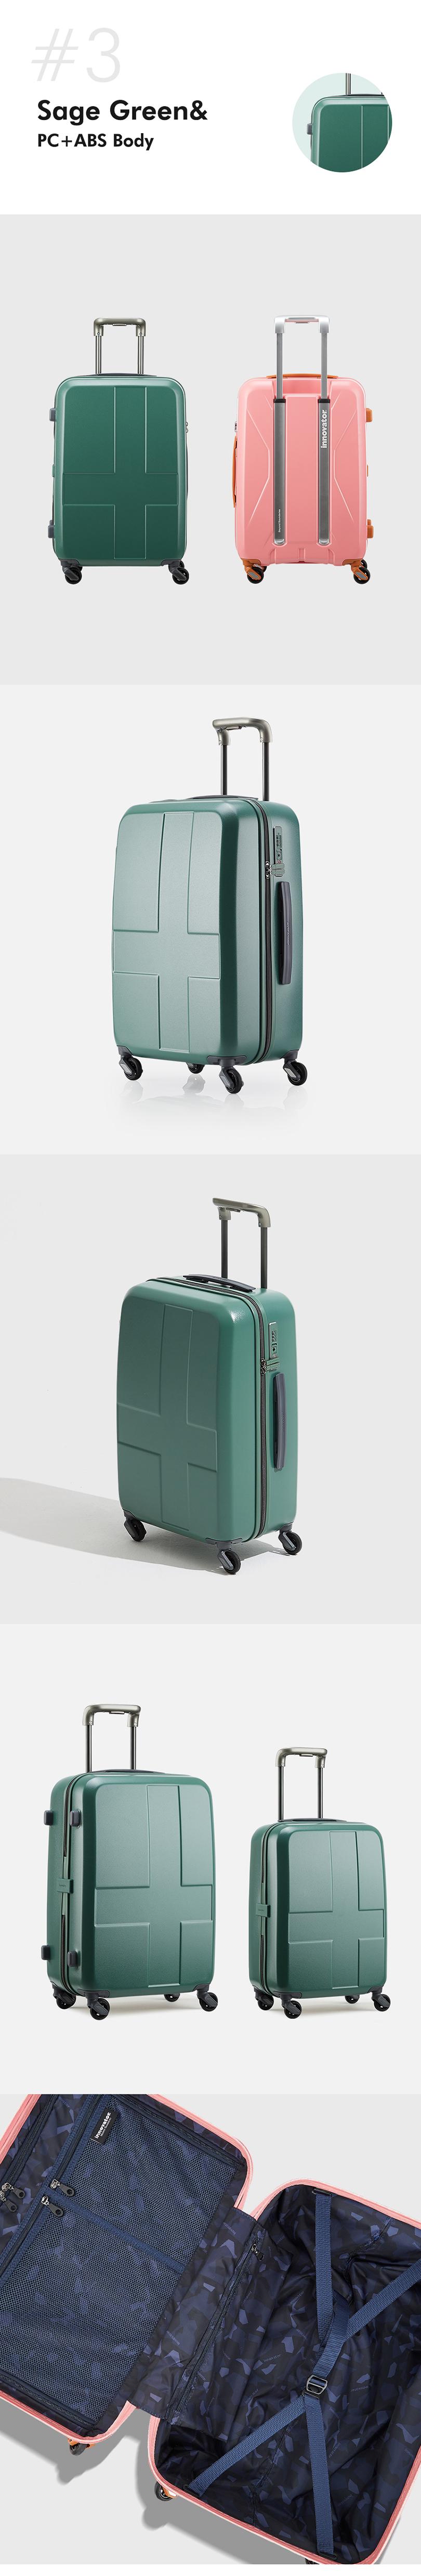 트리오 이노베이터 INV55 23인치 중형 여행용캐리어 여행가방 세이지그린 - 트리오, 400,000원, 하드형, 대형(25형) 이상